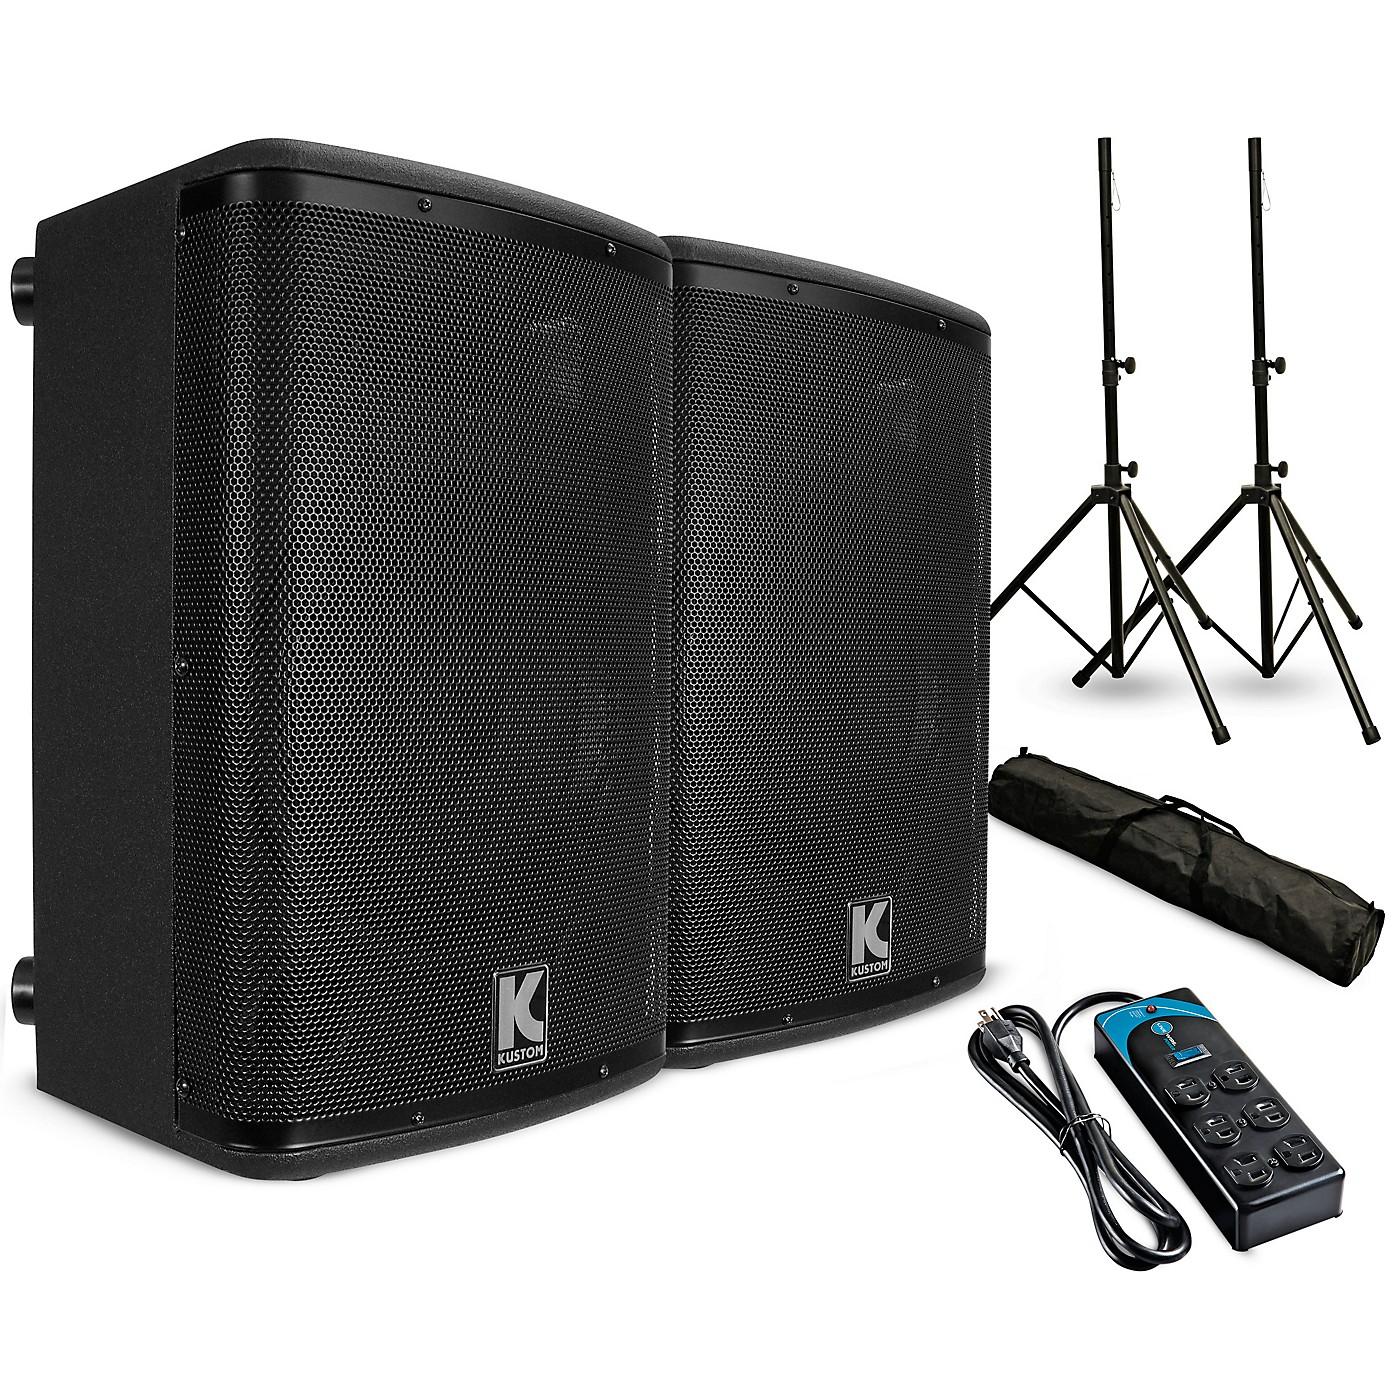 Kustom PA KPX15A 15